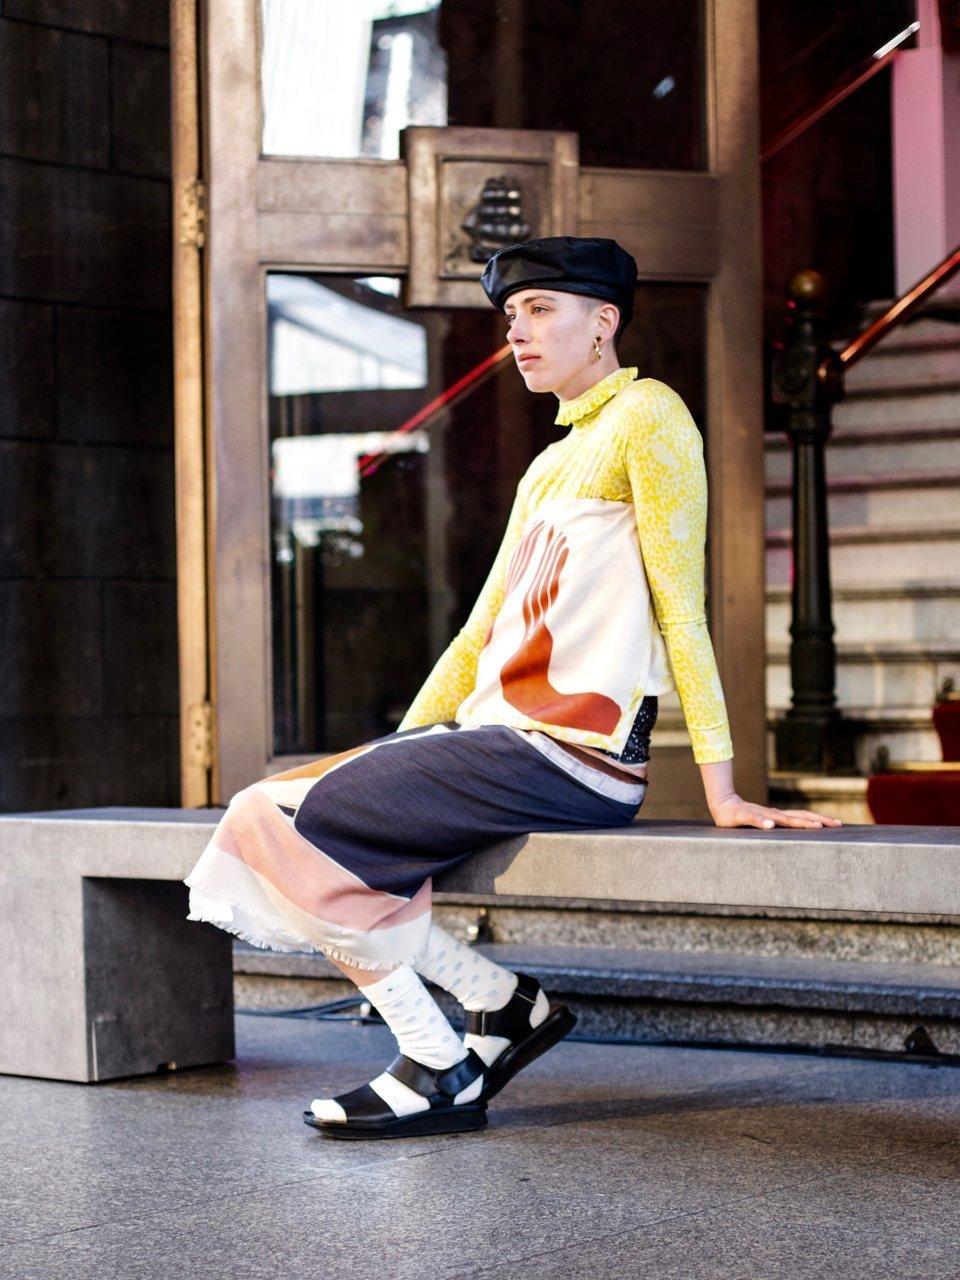 Ethical clothing Showcase at Melbourne Fashion Week